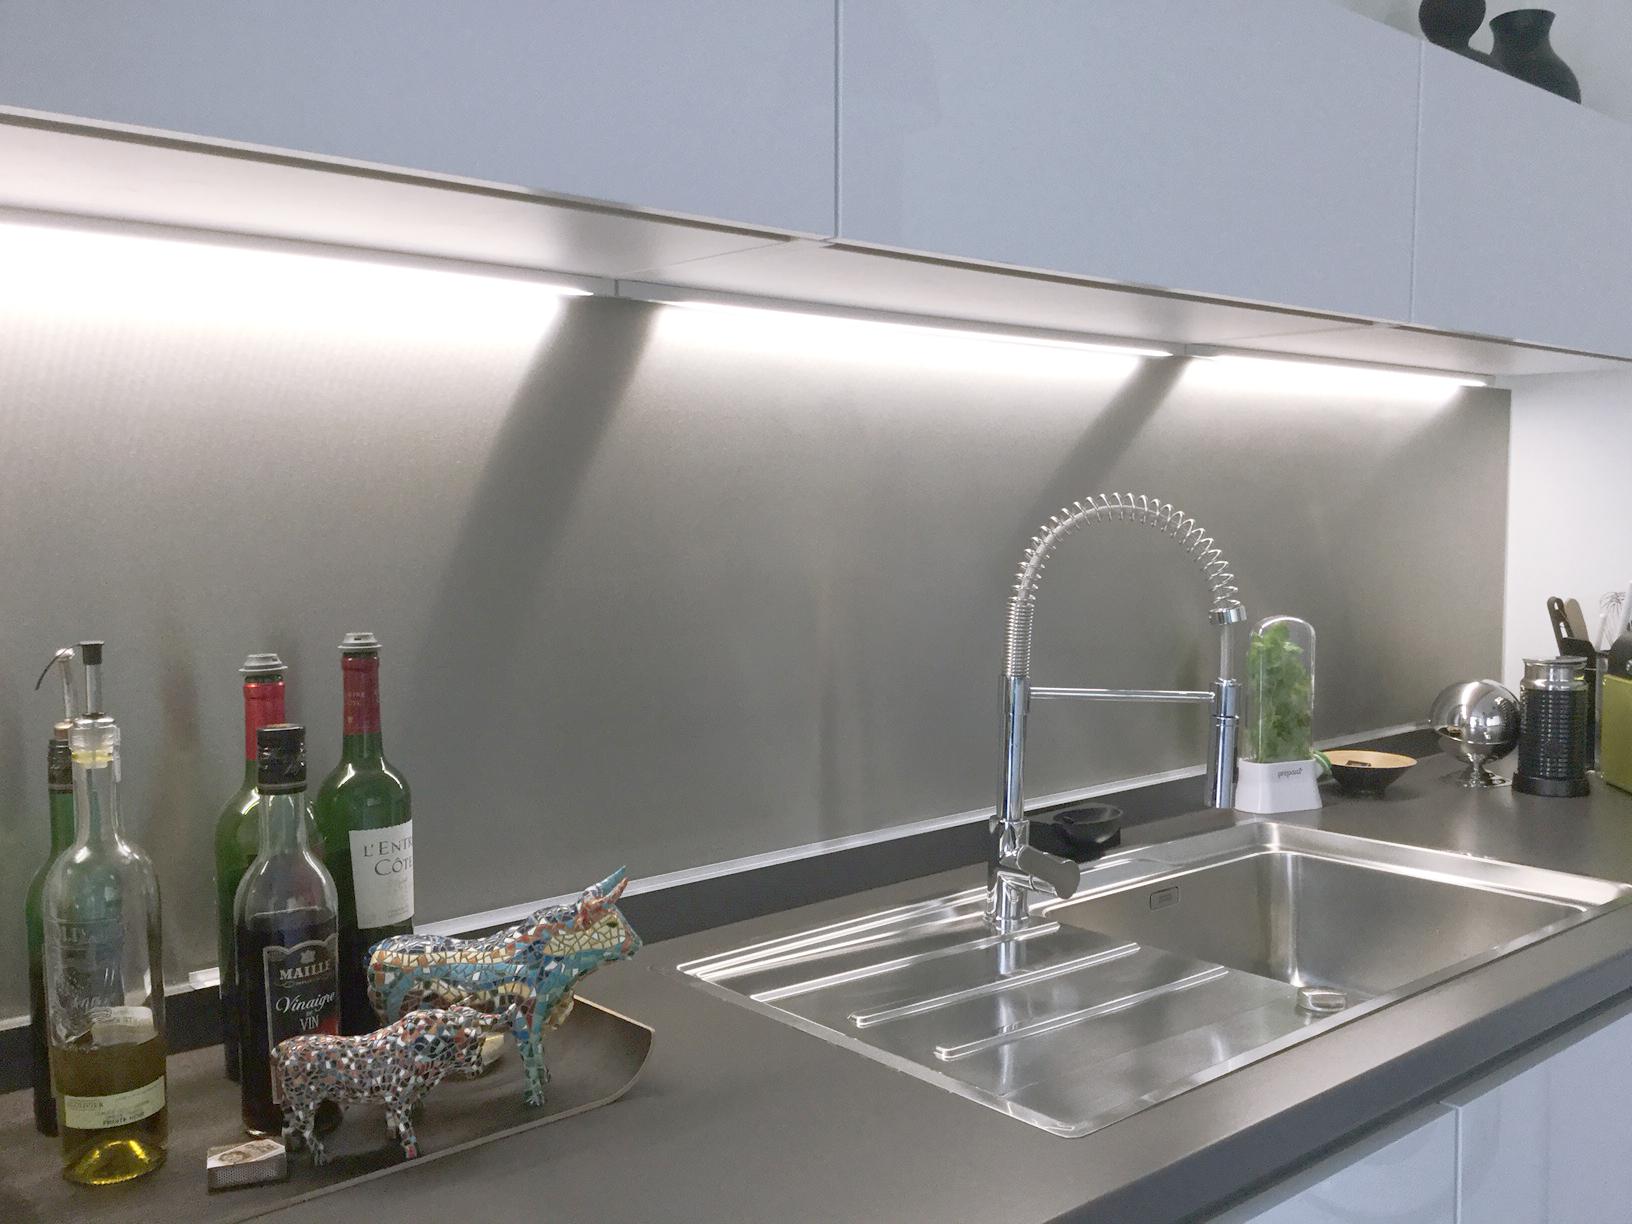 Choisir le m tal adapt pour une cr dence de cuisine sur mesure john steel mag - Credences de cuisine ...